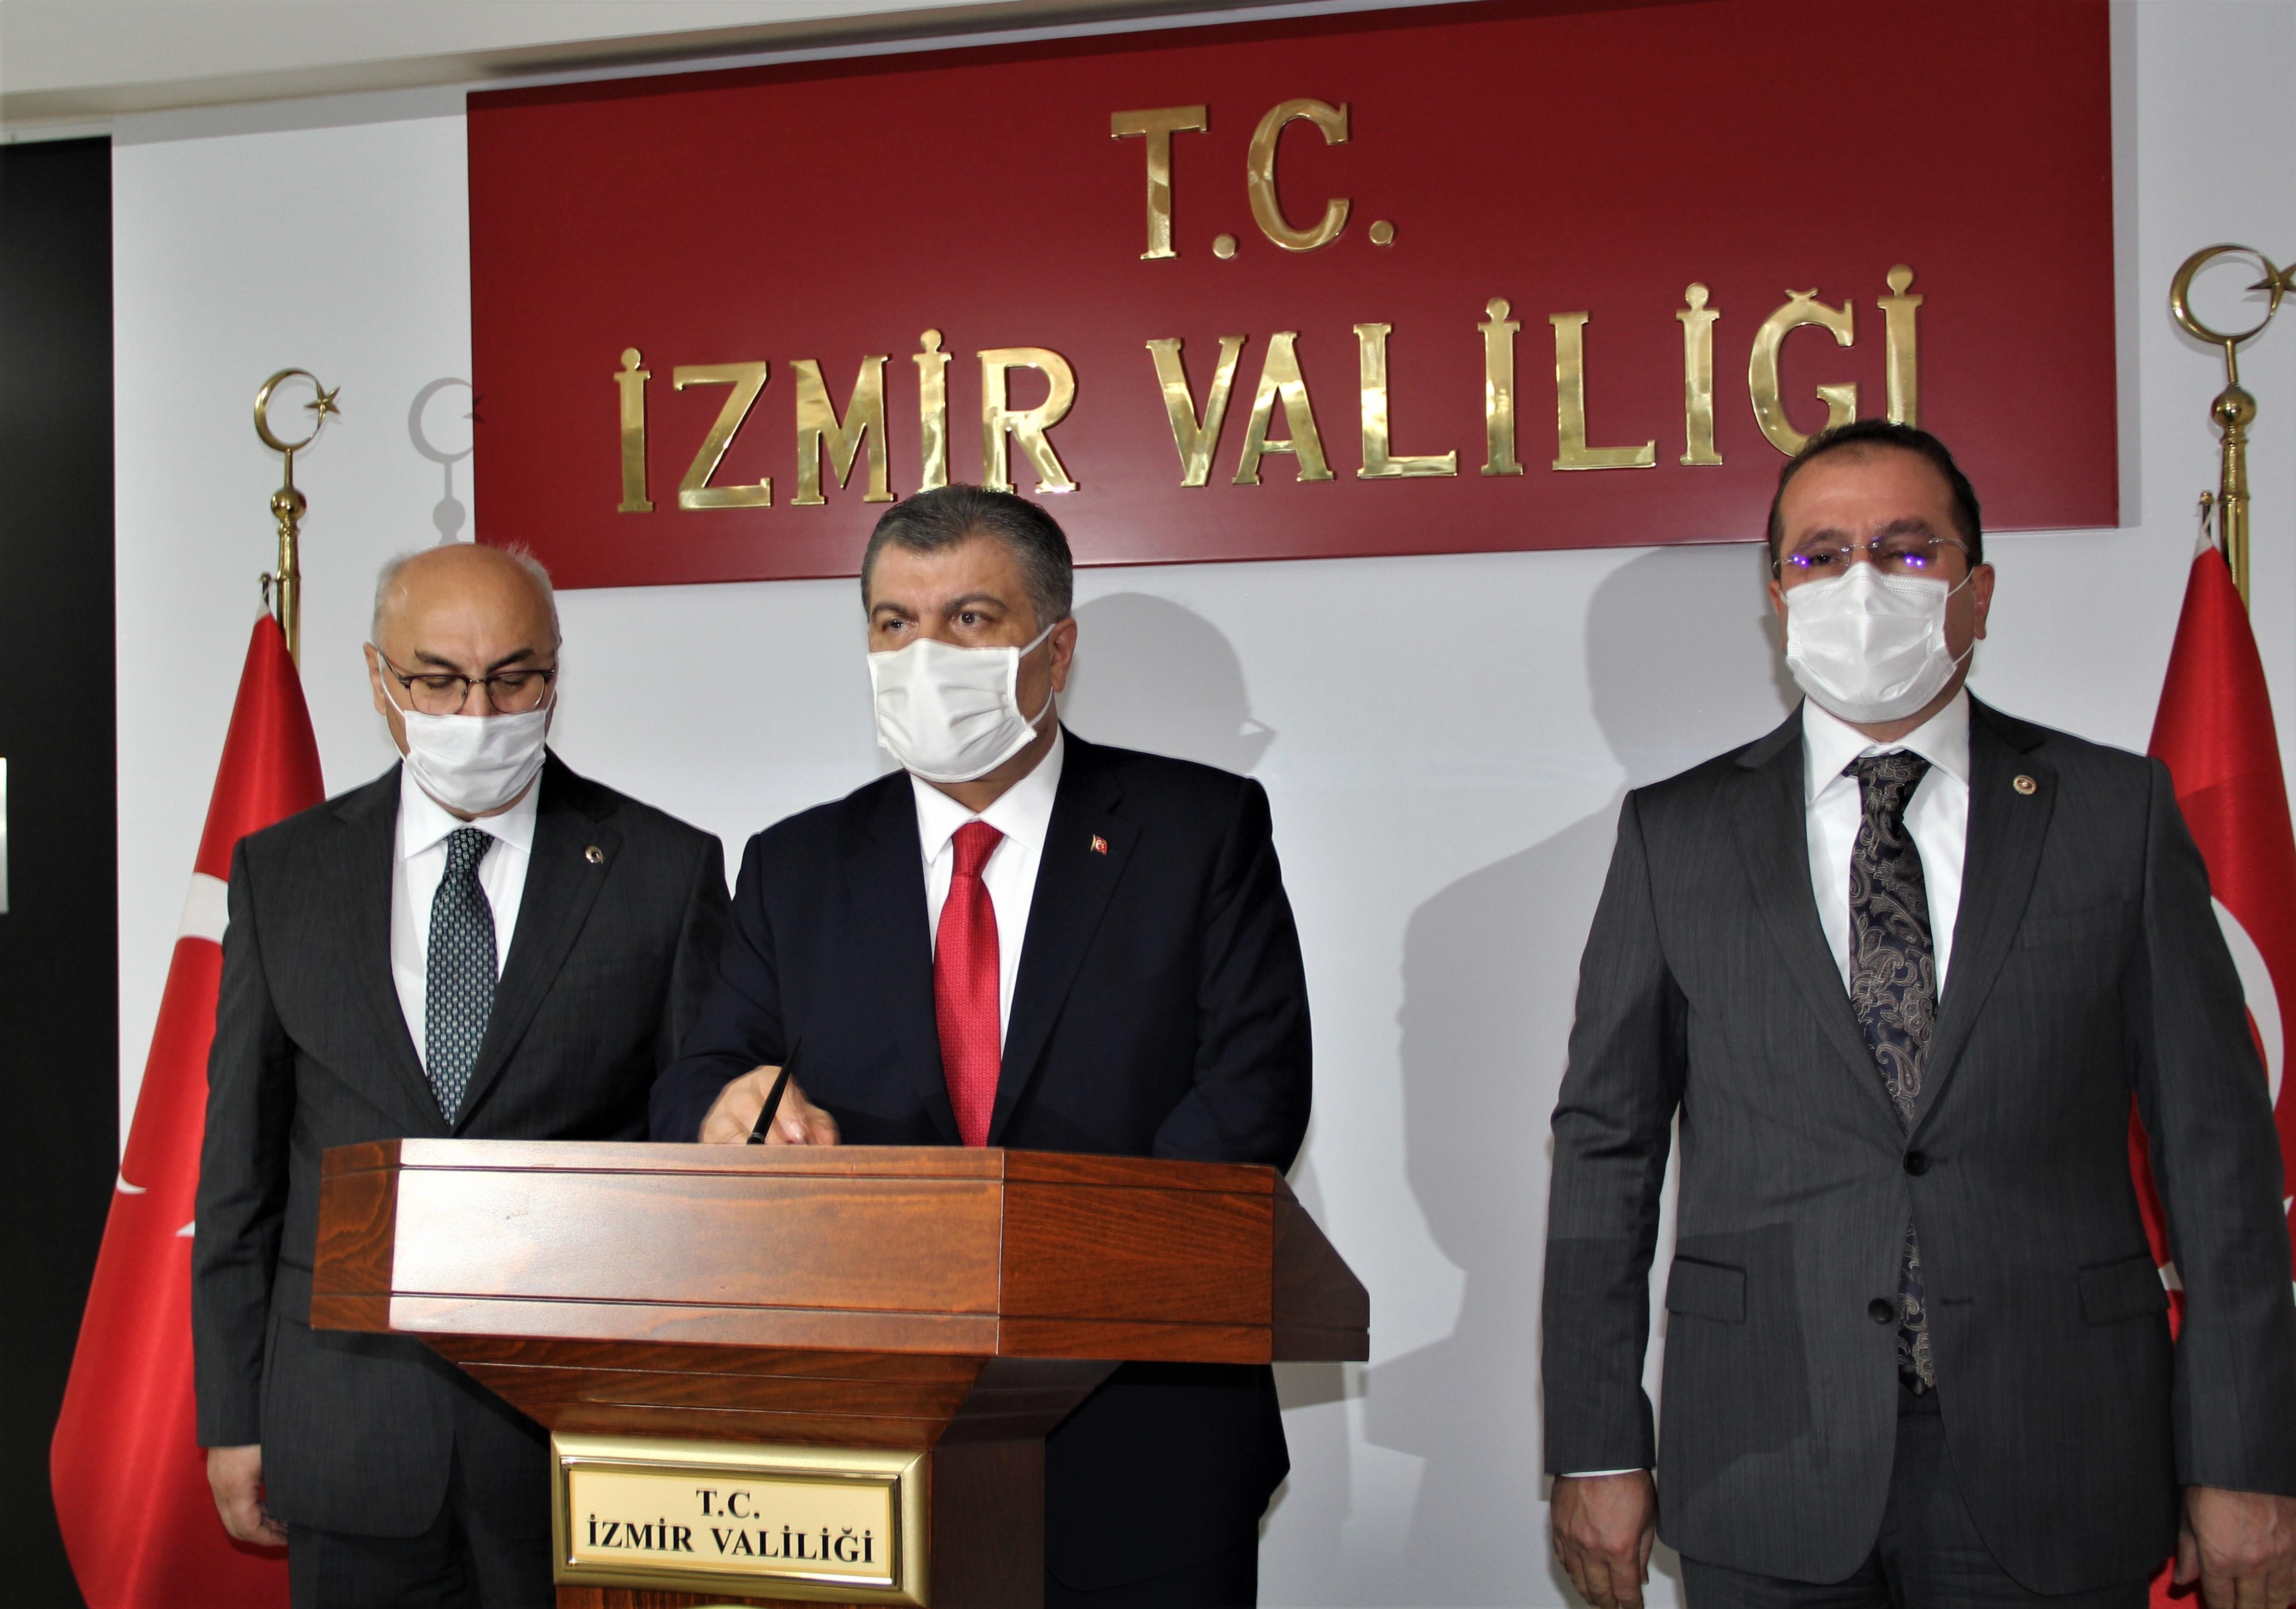 Bakan Koca'dan Kovid-19 açıklaması: Şiddetlenme yaşıyoruz